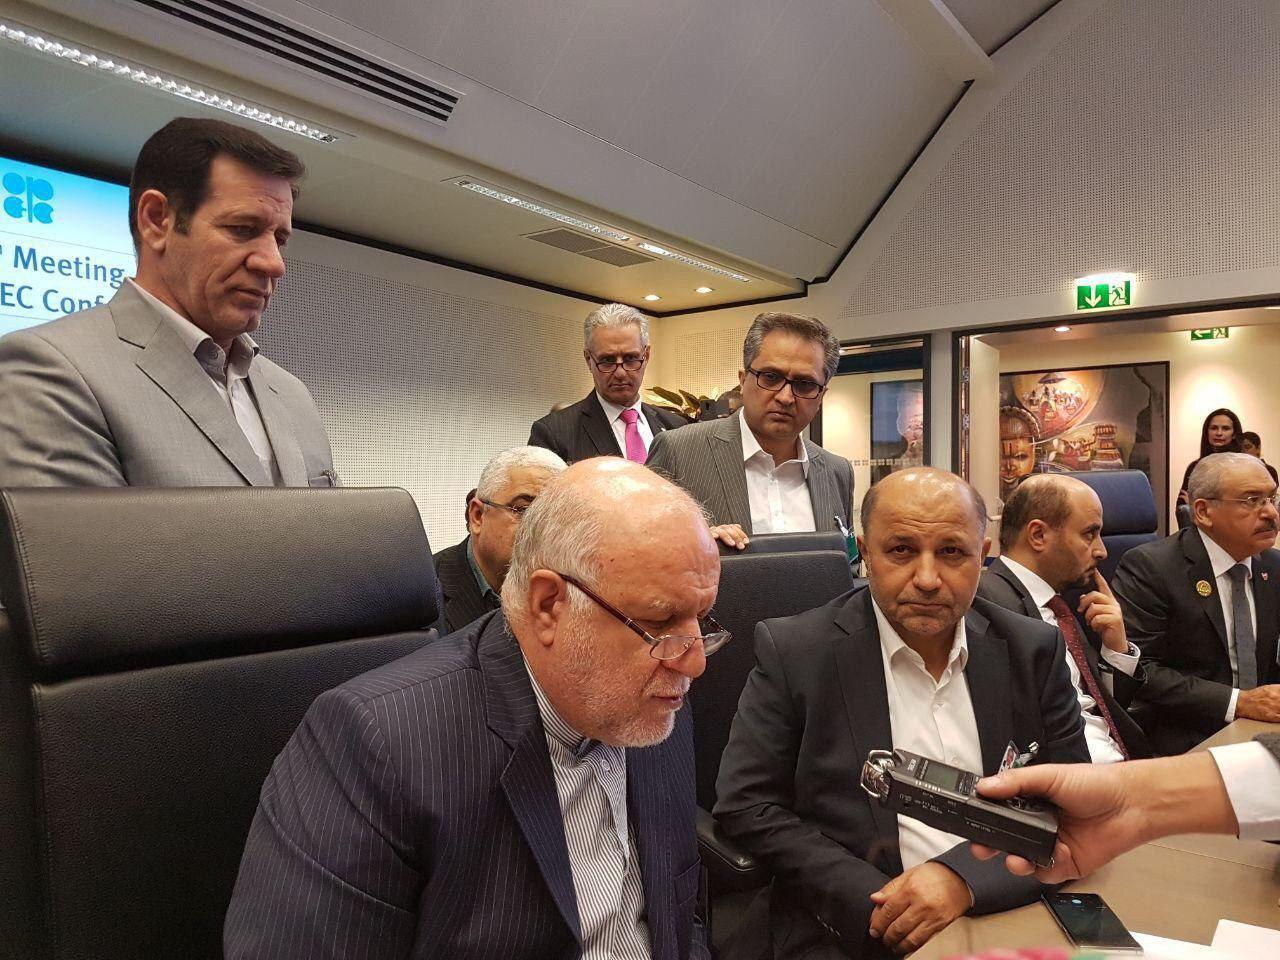 نفوذ نمایندگان اسبق مجلس به وزرات نفت راهی برای بقای وزارت آقای همیشه وزیر